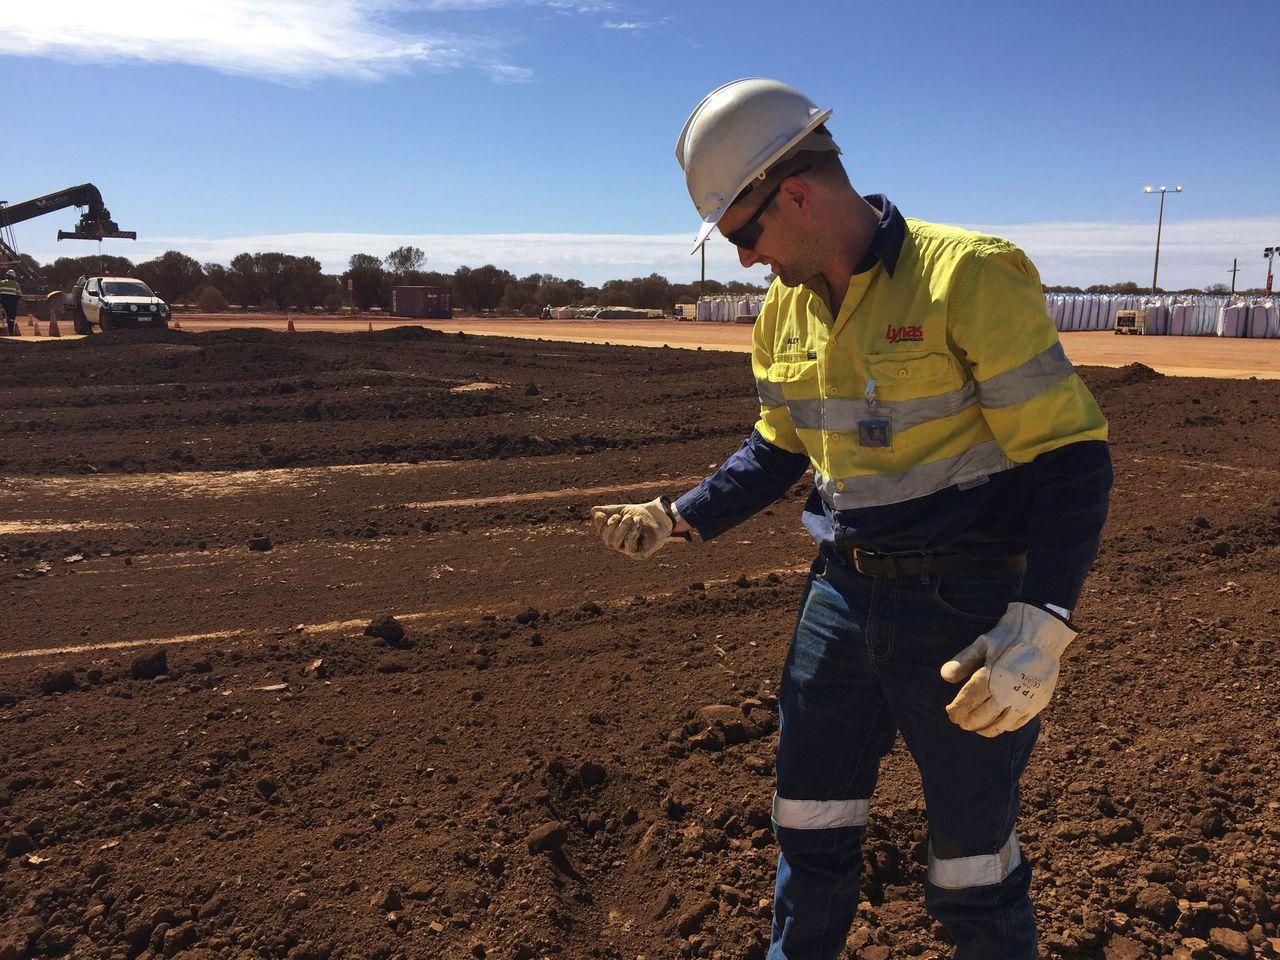 澳洲礦商萊納斯是中國以外唯一的主要稀土生產商,圖為萊納斯員工揀視送往馬來西亞處理...